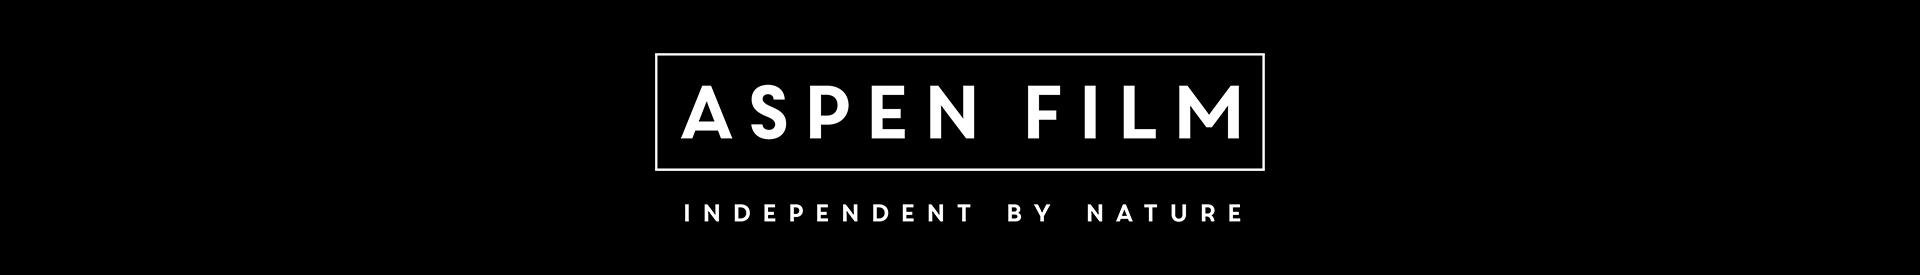 Aspen Film Presents